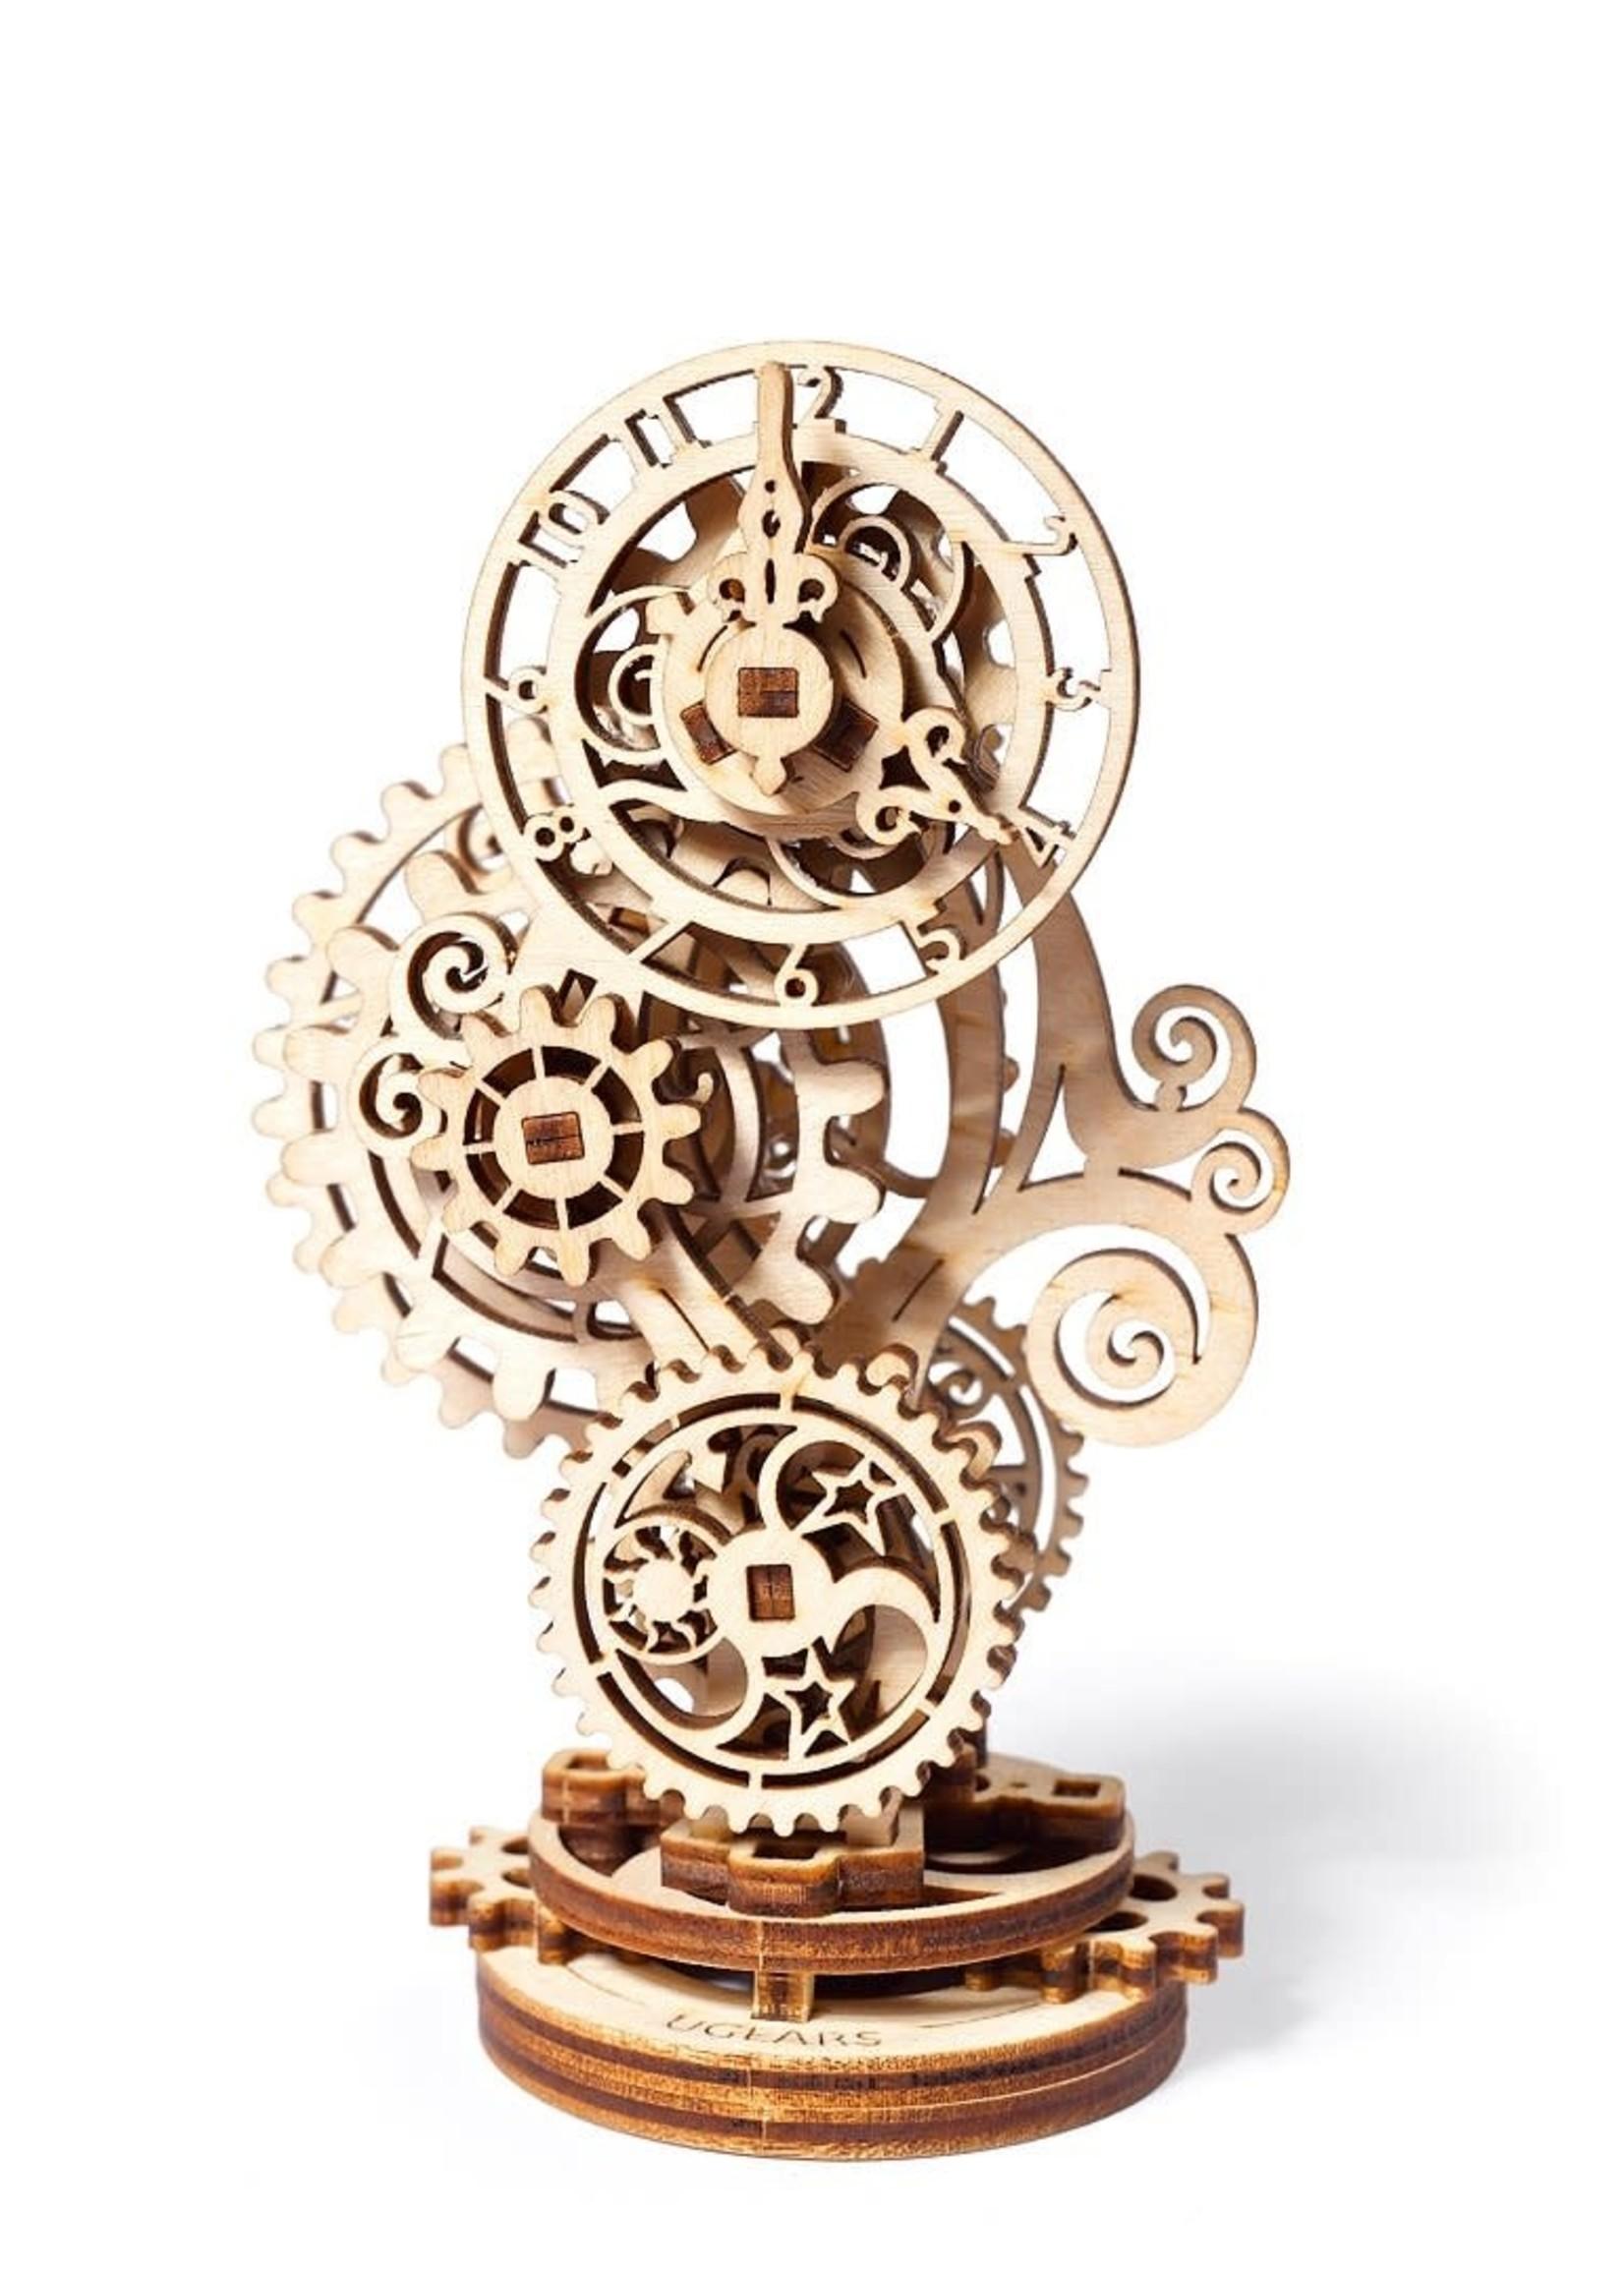 Ugears UGears Steampunk Clock